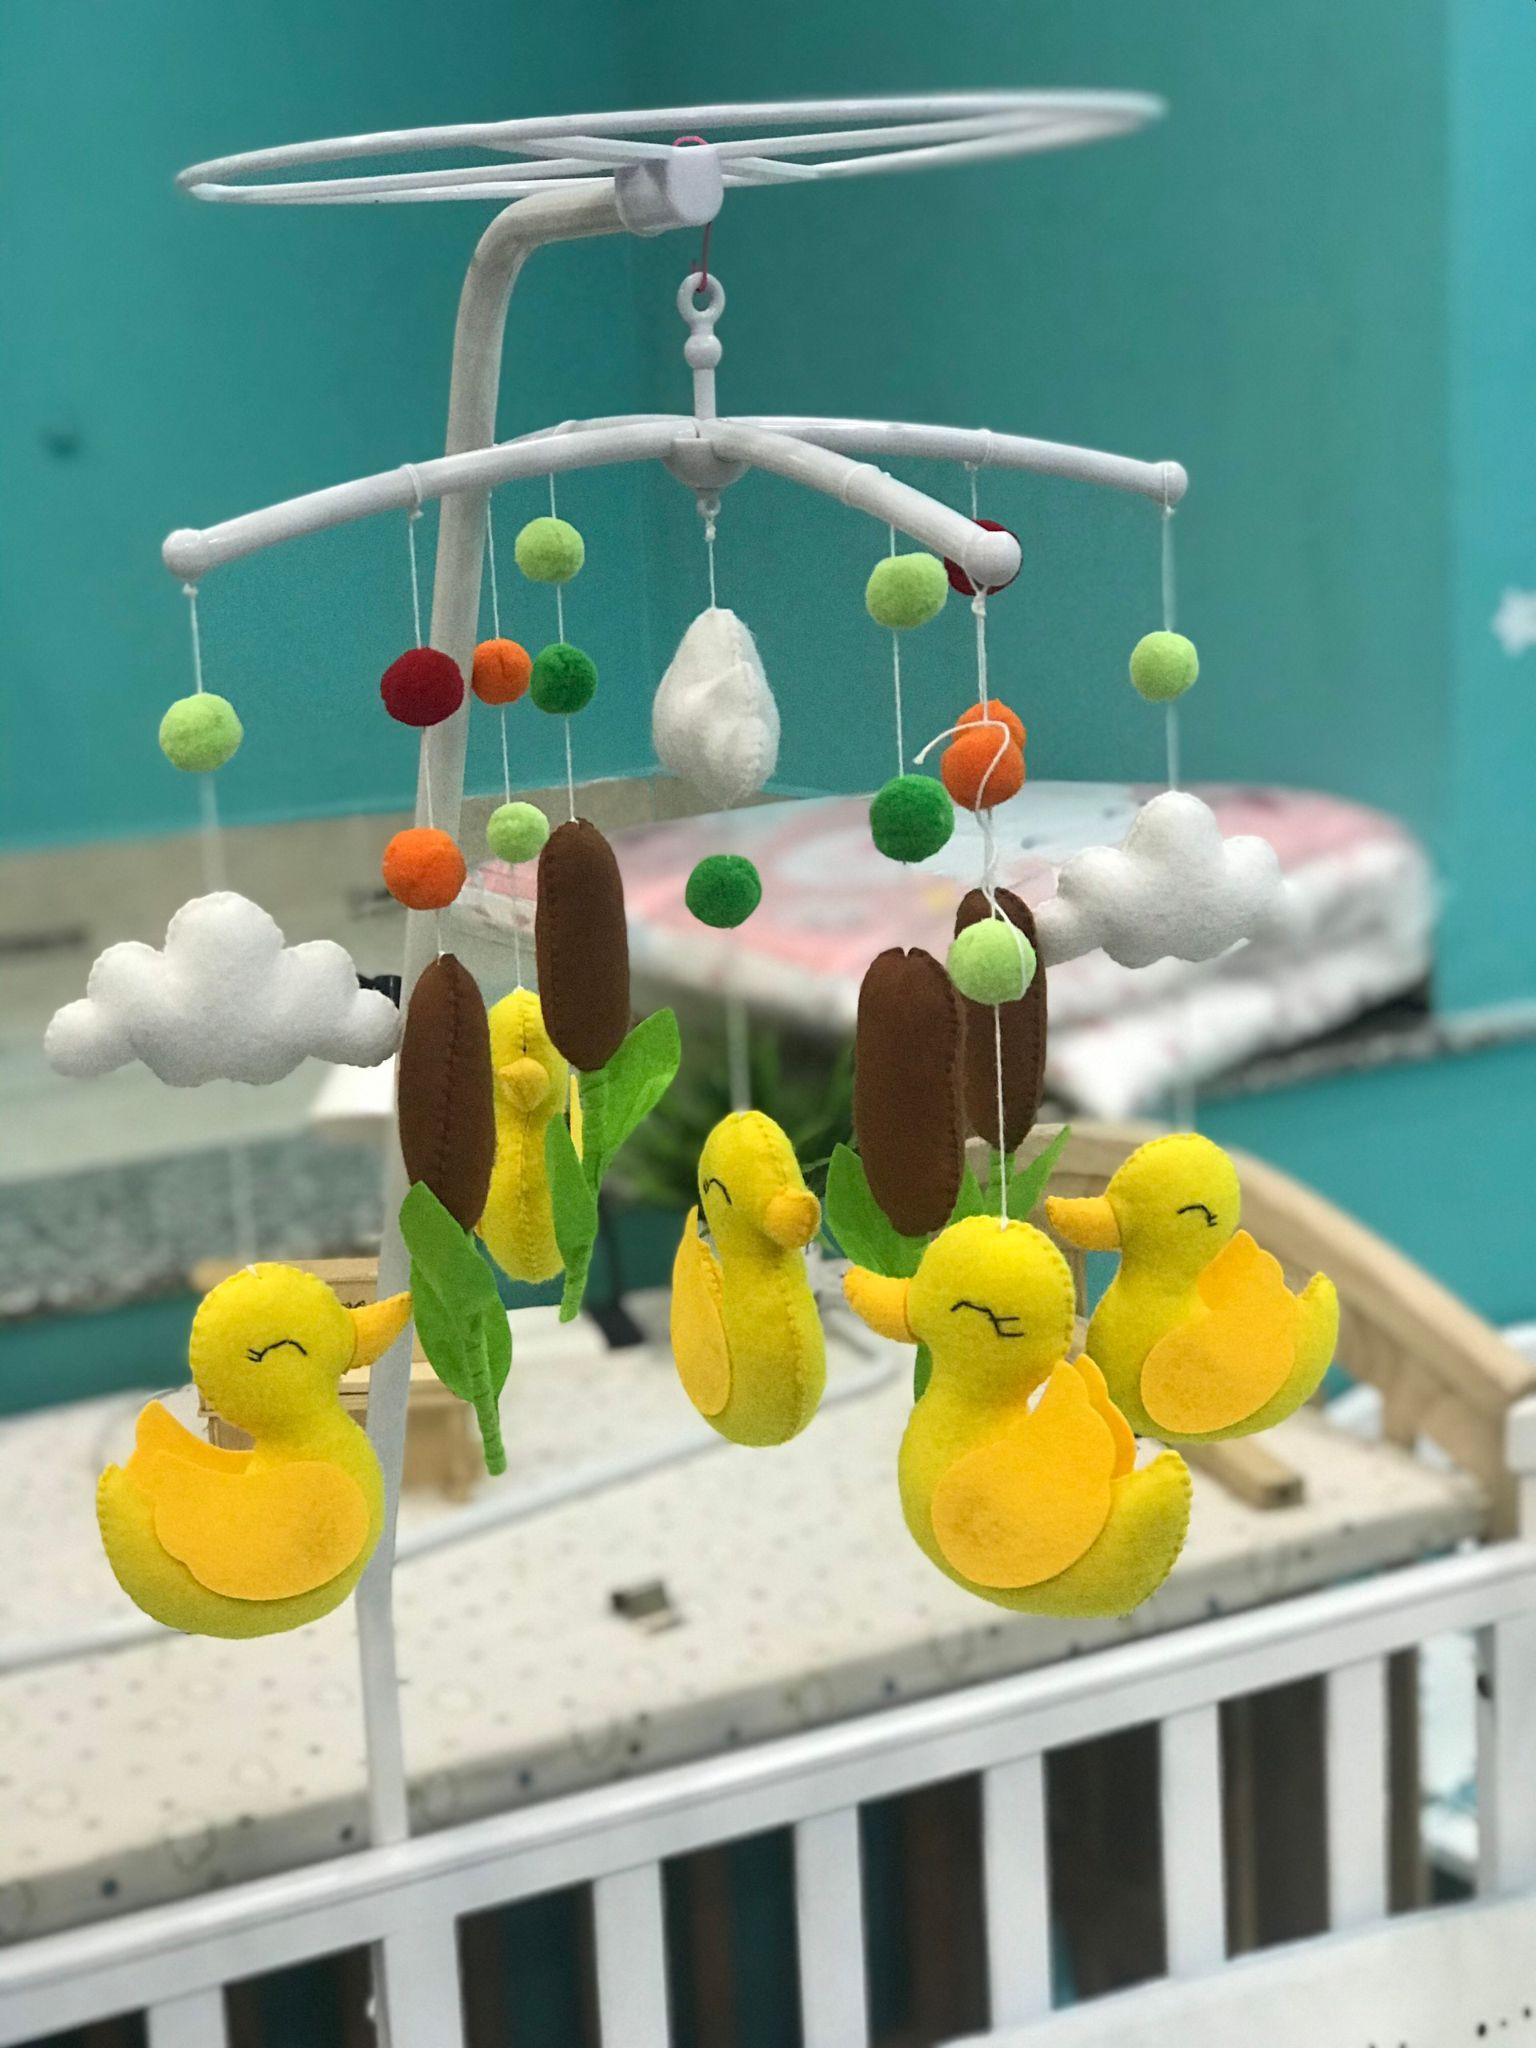 Đồ treo nôi cho bé nhiều màu rực rỡ giúp tăng kích thích thị giác.